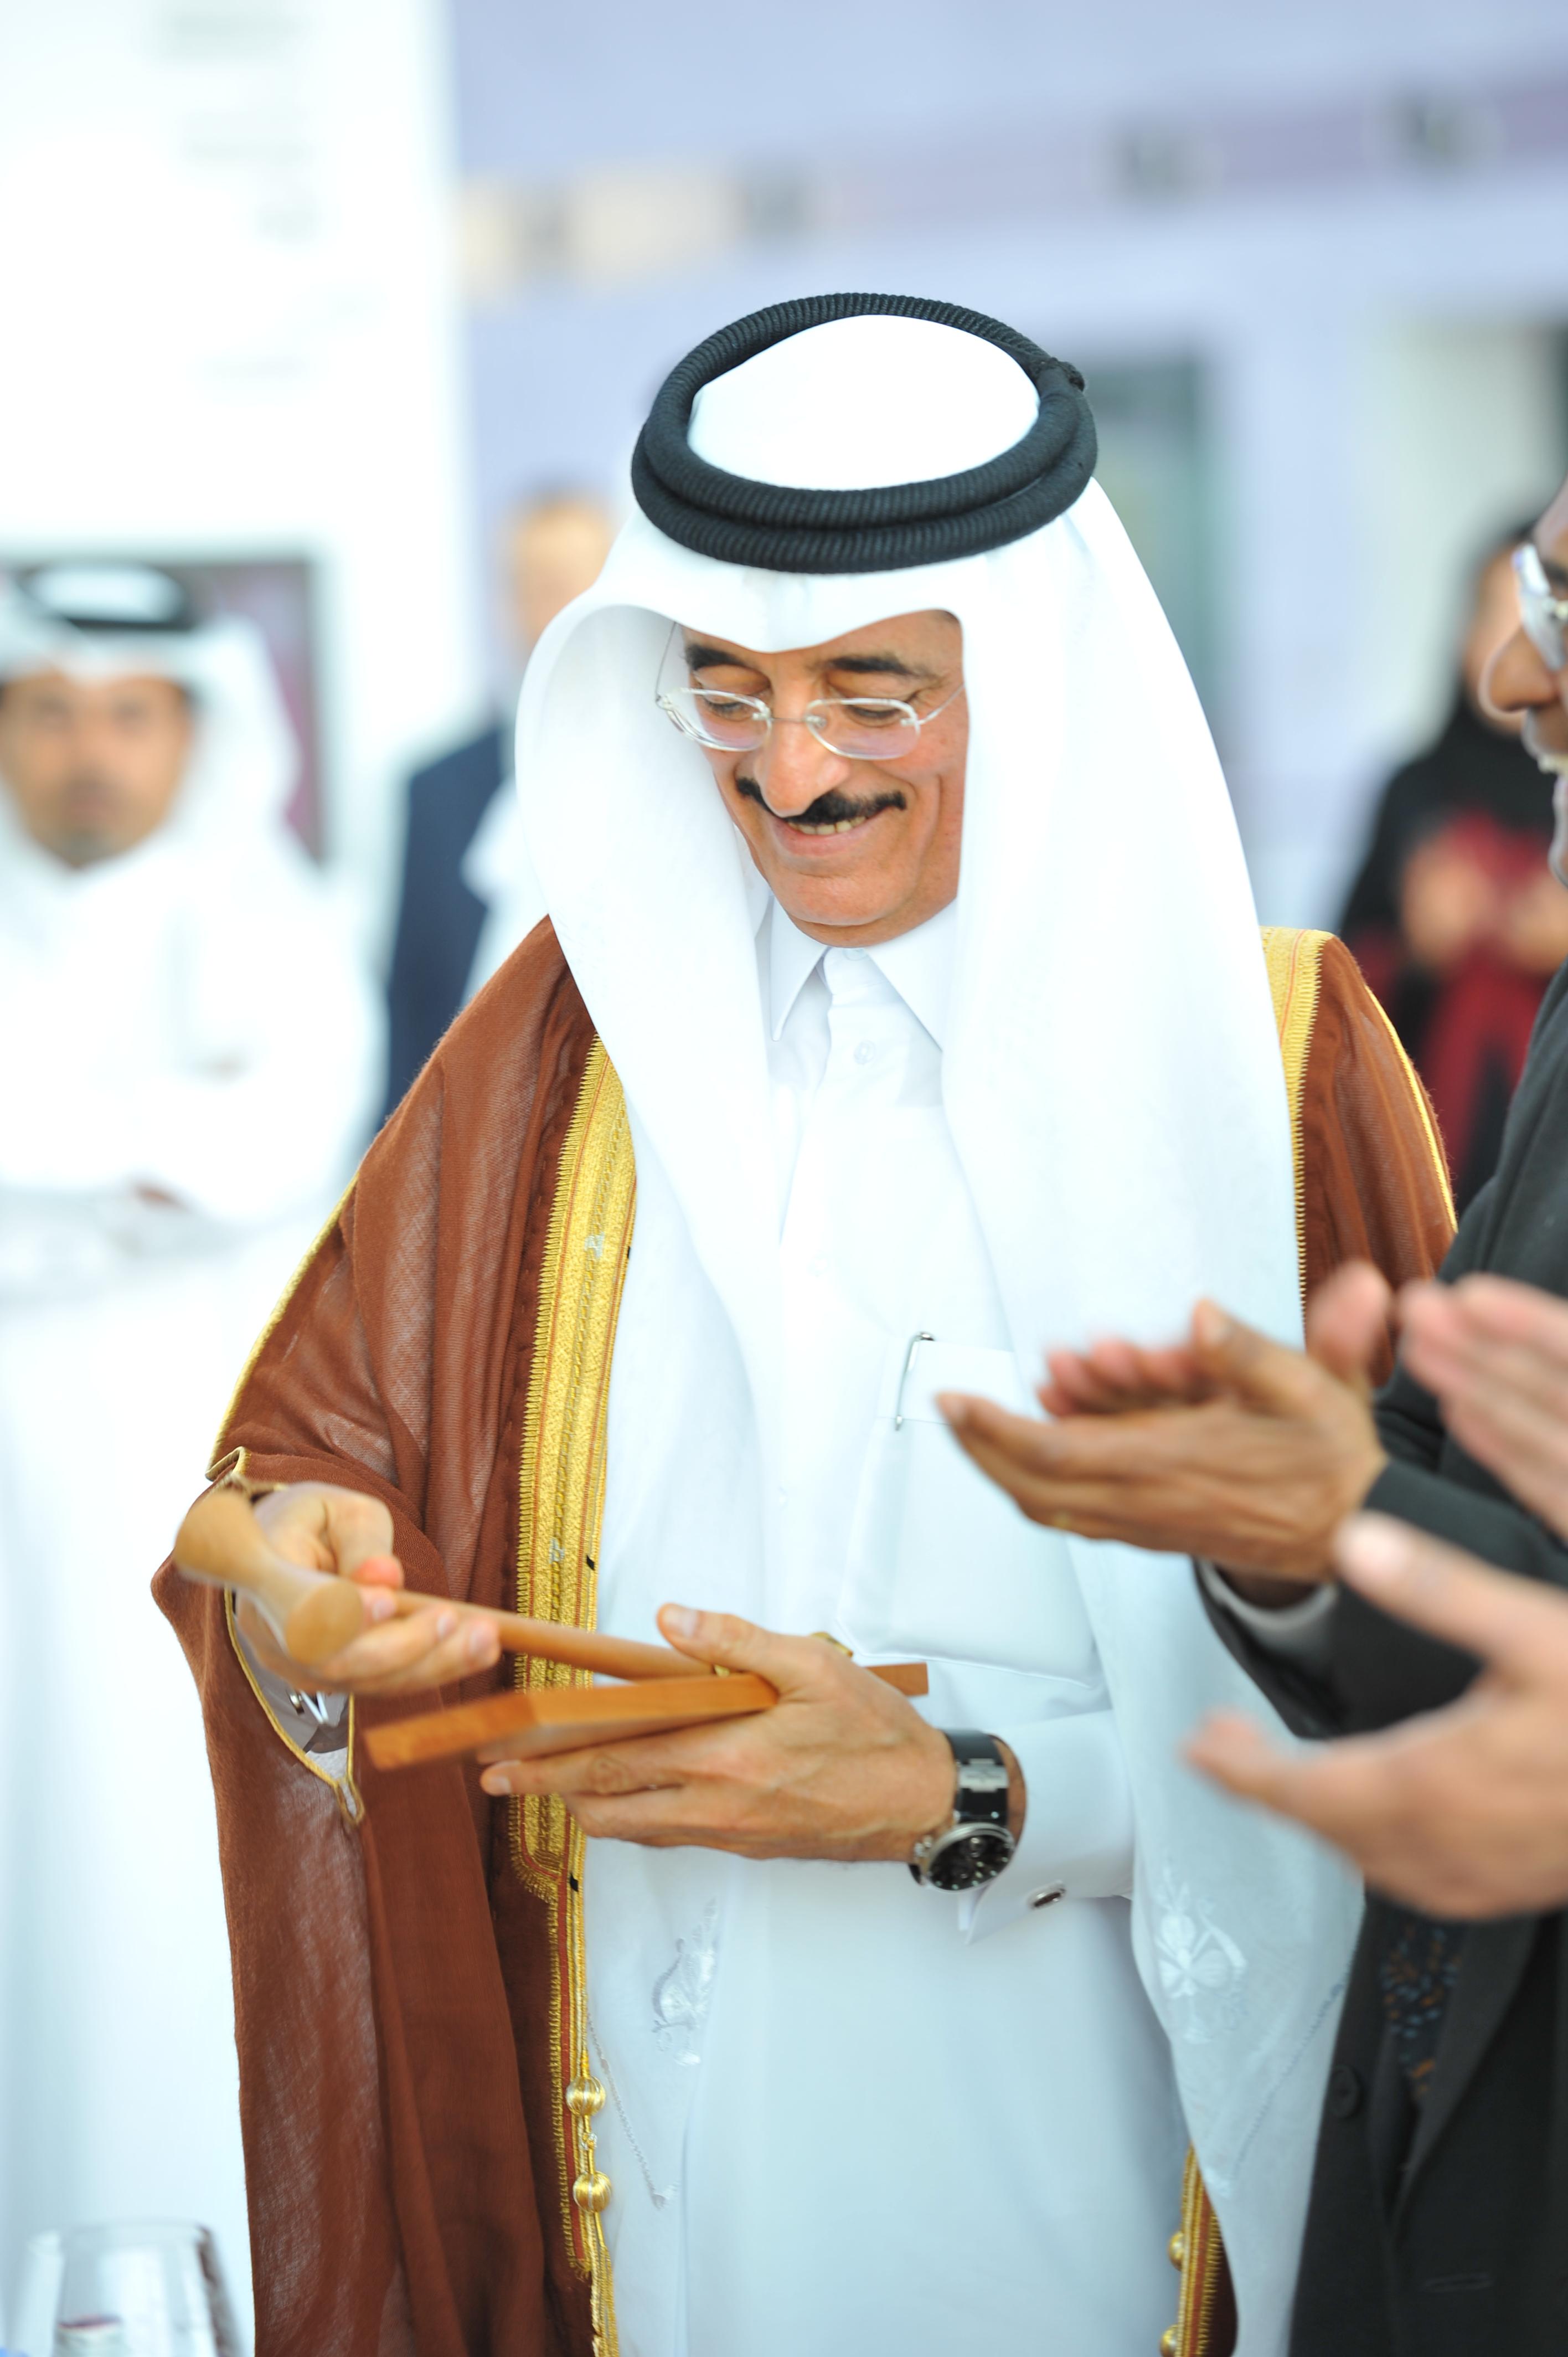 H.E._Dr._Hamad_bin_Abdulaziz_bin_Ali_al-Kuwari_Minister_of_Culture,_Arts_and_Heritage_of_Qatar_(6941356788)